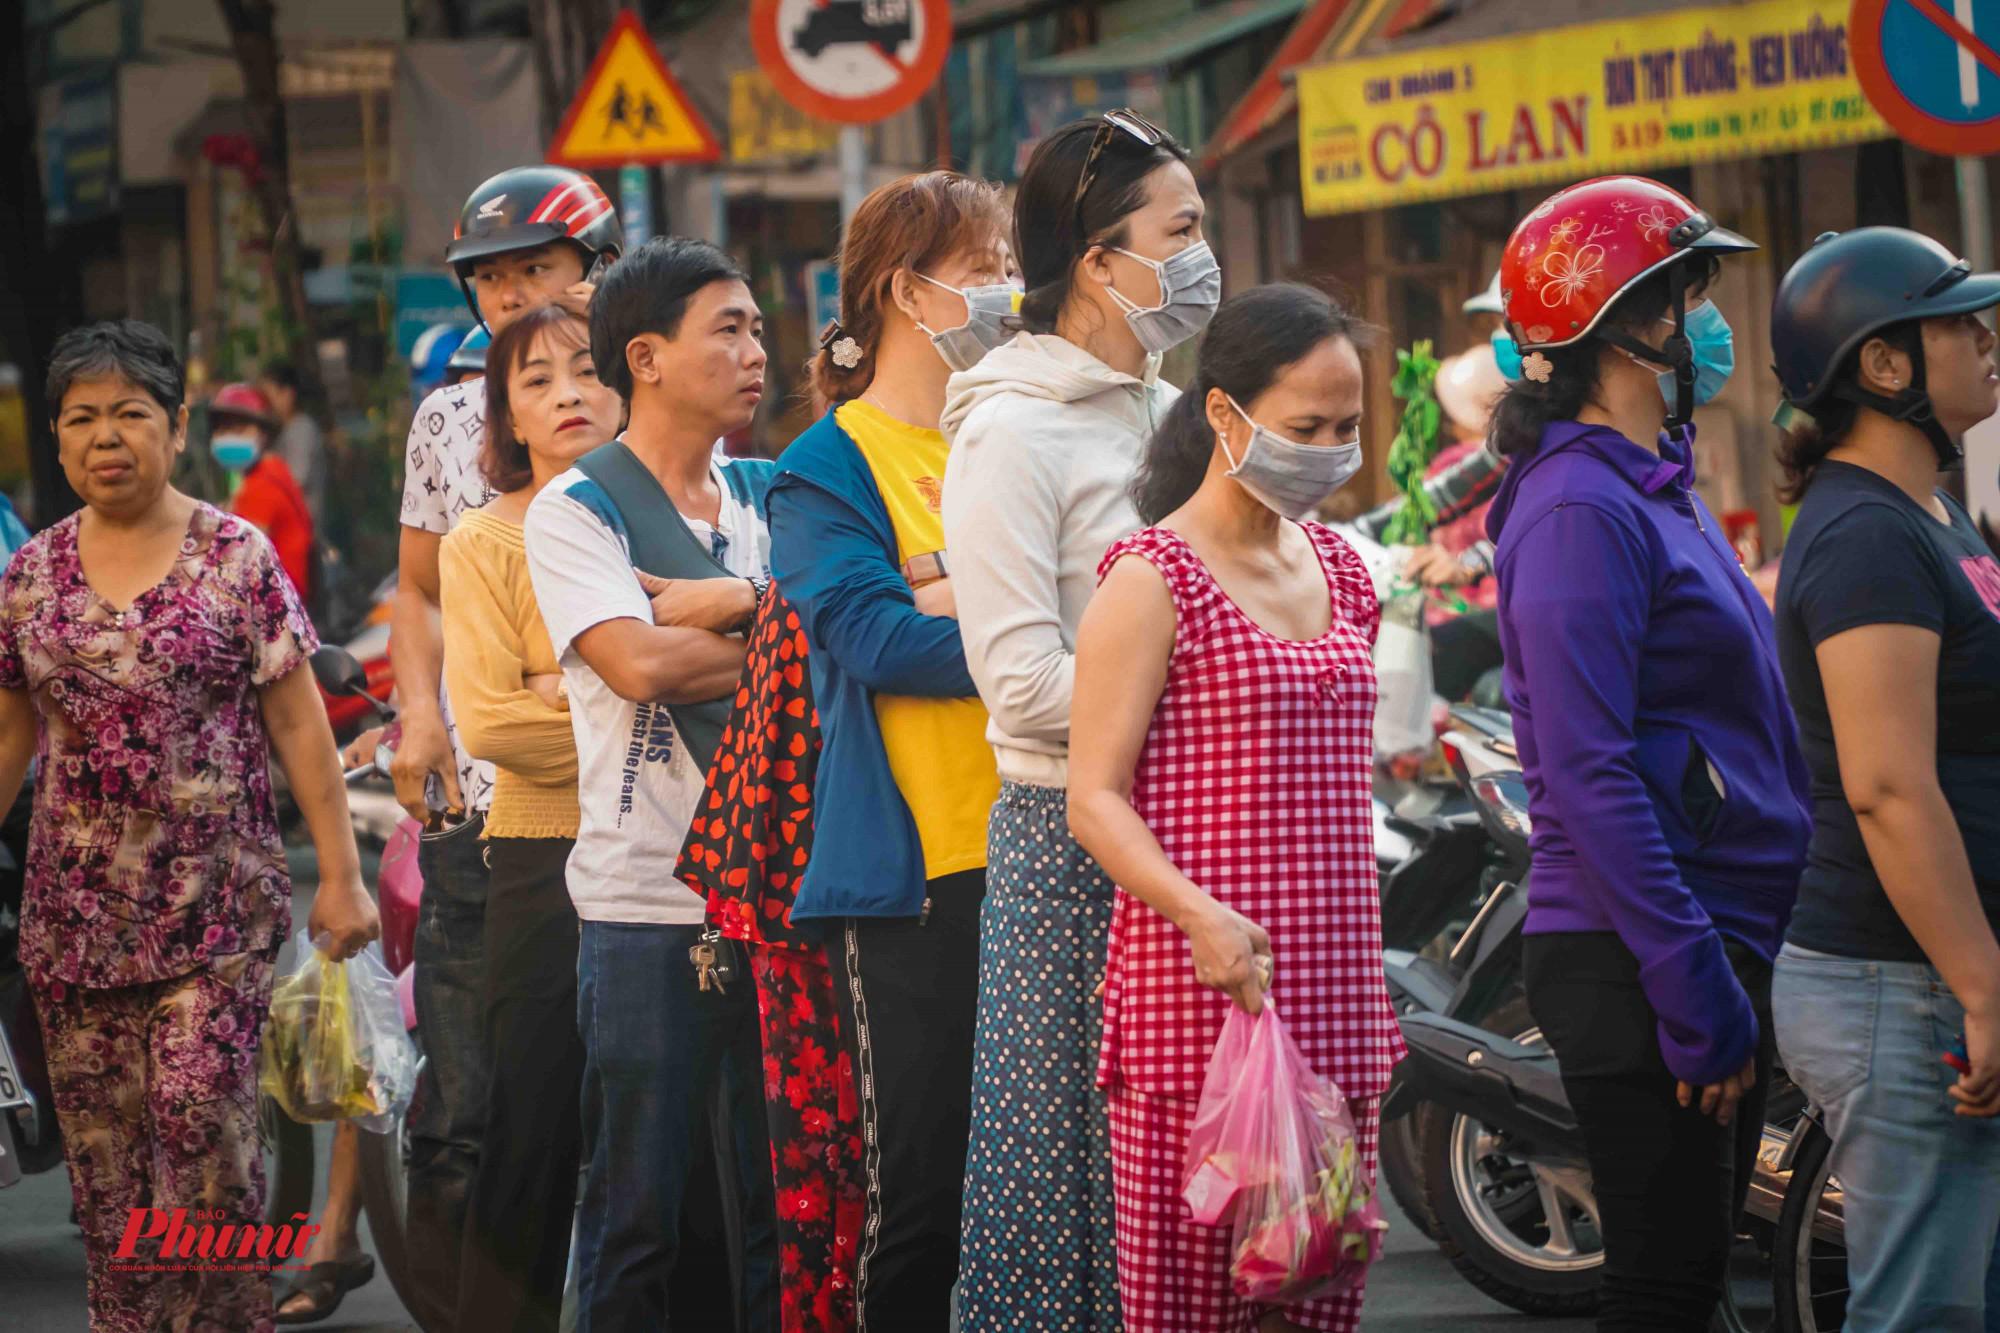 Giữ thông tin dịch cúm, người dân luôn trang bị khẩu trang khi ra ngoài